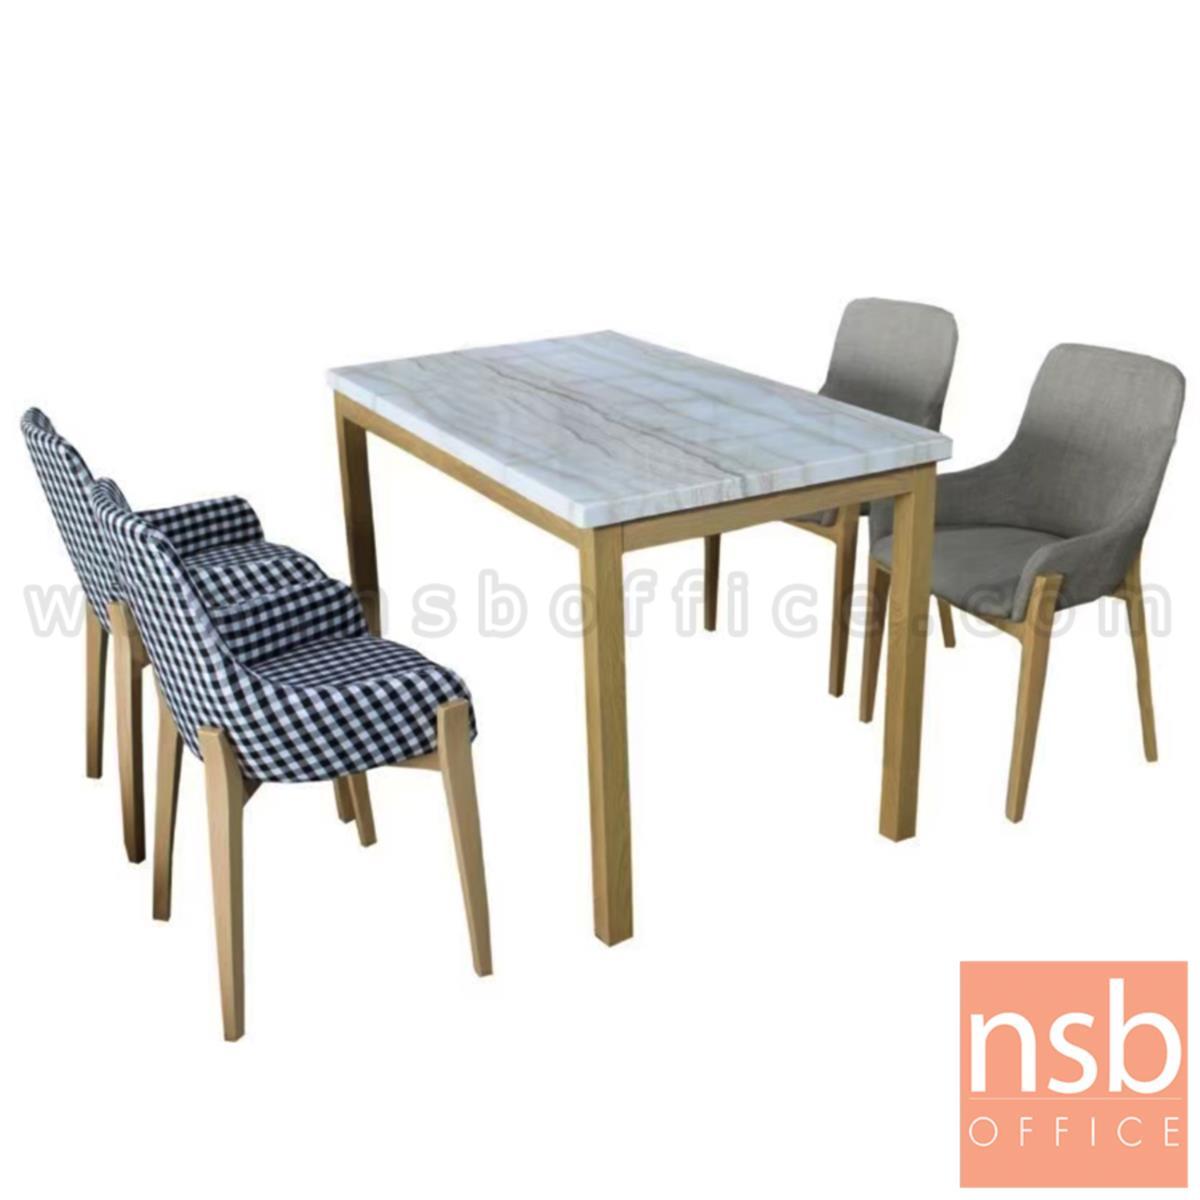 G14A230:ชุดโต๊ะรับประทานอาหารหน้าท็อปหินอ่อน 4 ที่นั่ง รุ่น Montage (มอนเทจ) ขนาด 120W cm. พร้อมเก้าอี้